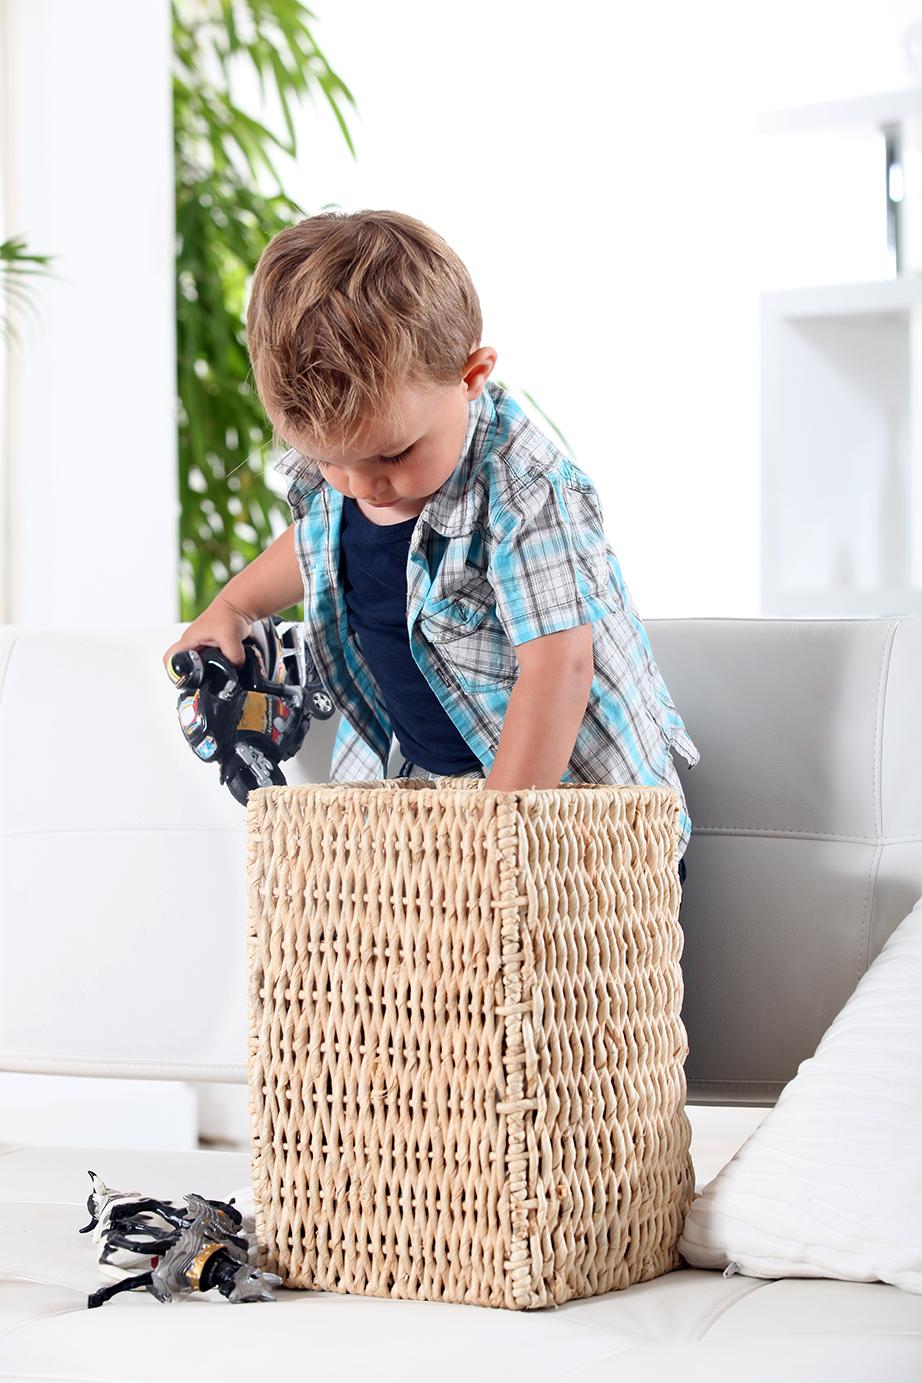 Ακόμη και οι μικροί της παρέας μπορούν να μπουν στο παιχνίδι μαζεύοντας τα παιχνίδια τους πριν από τον ύπνο.